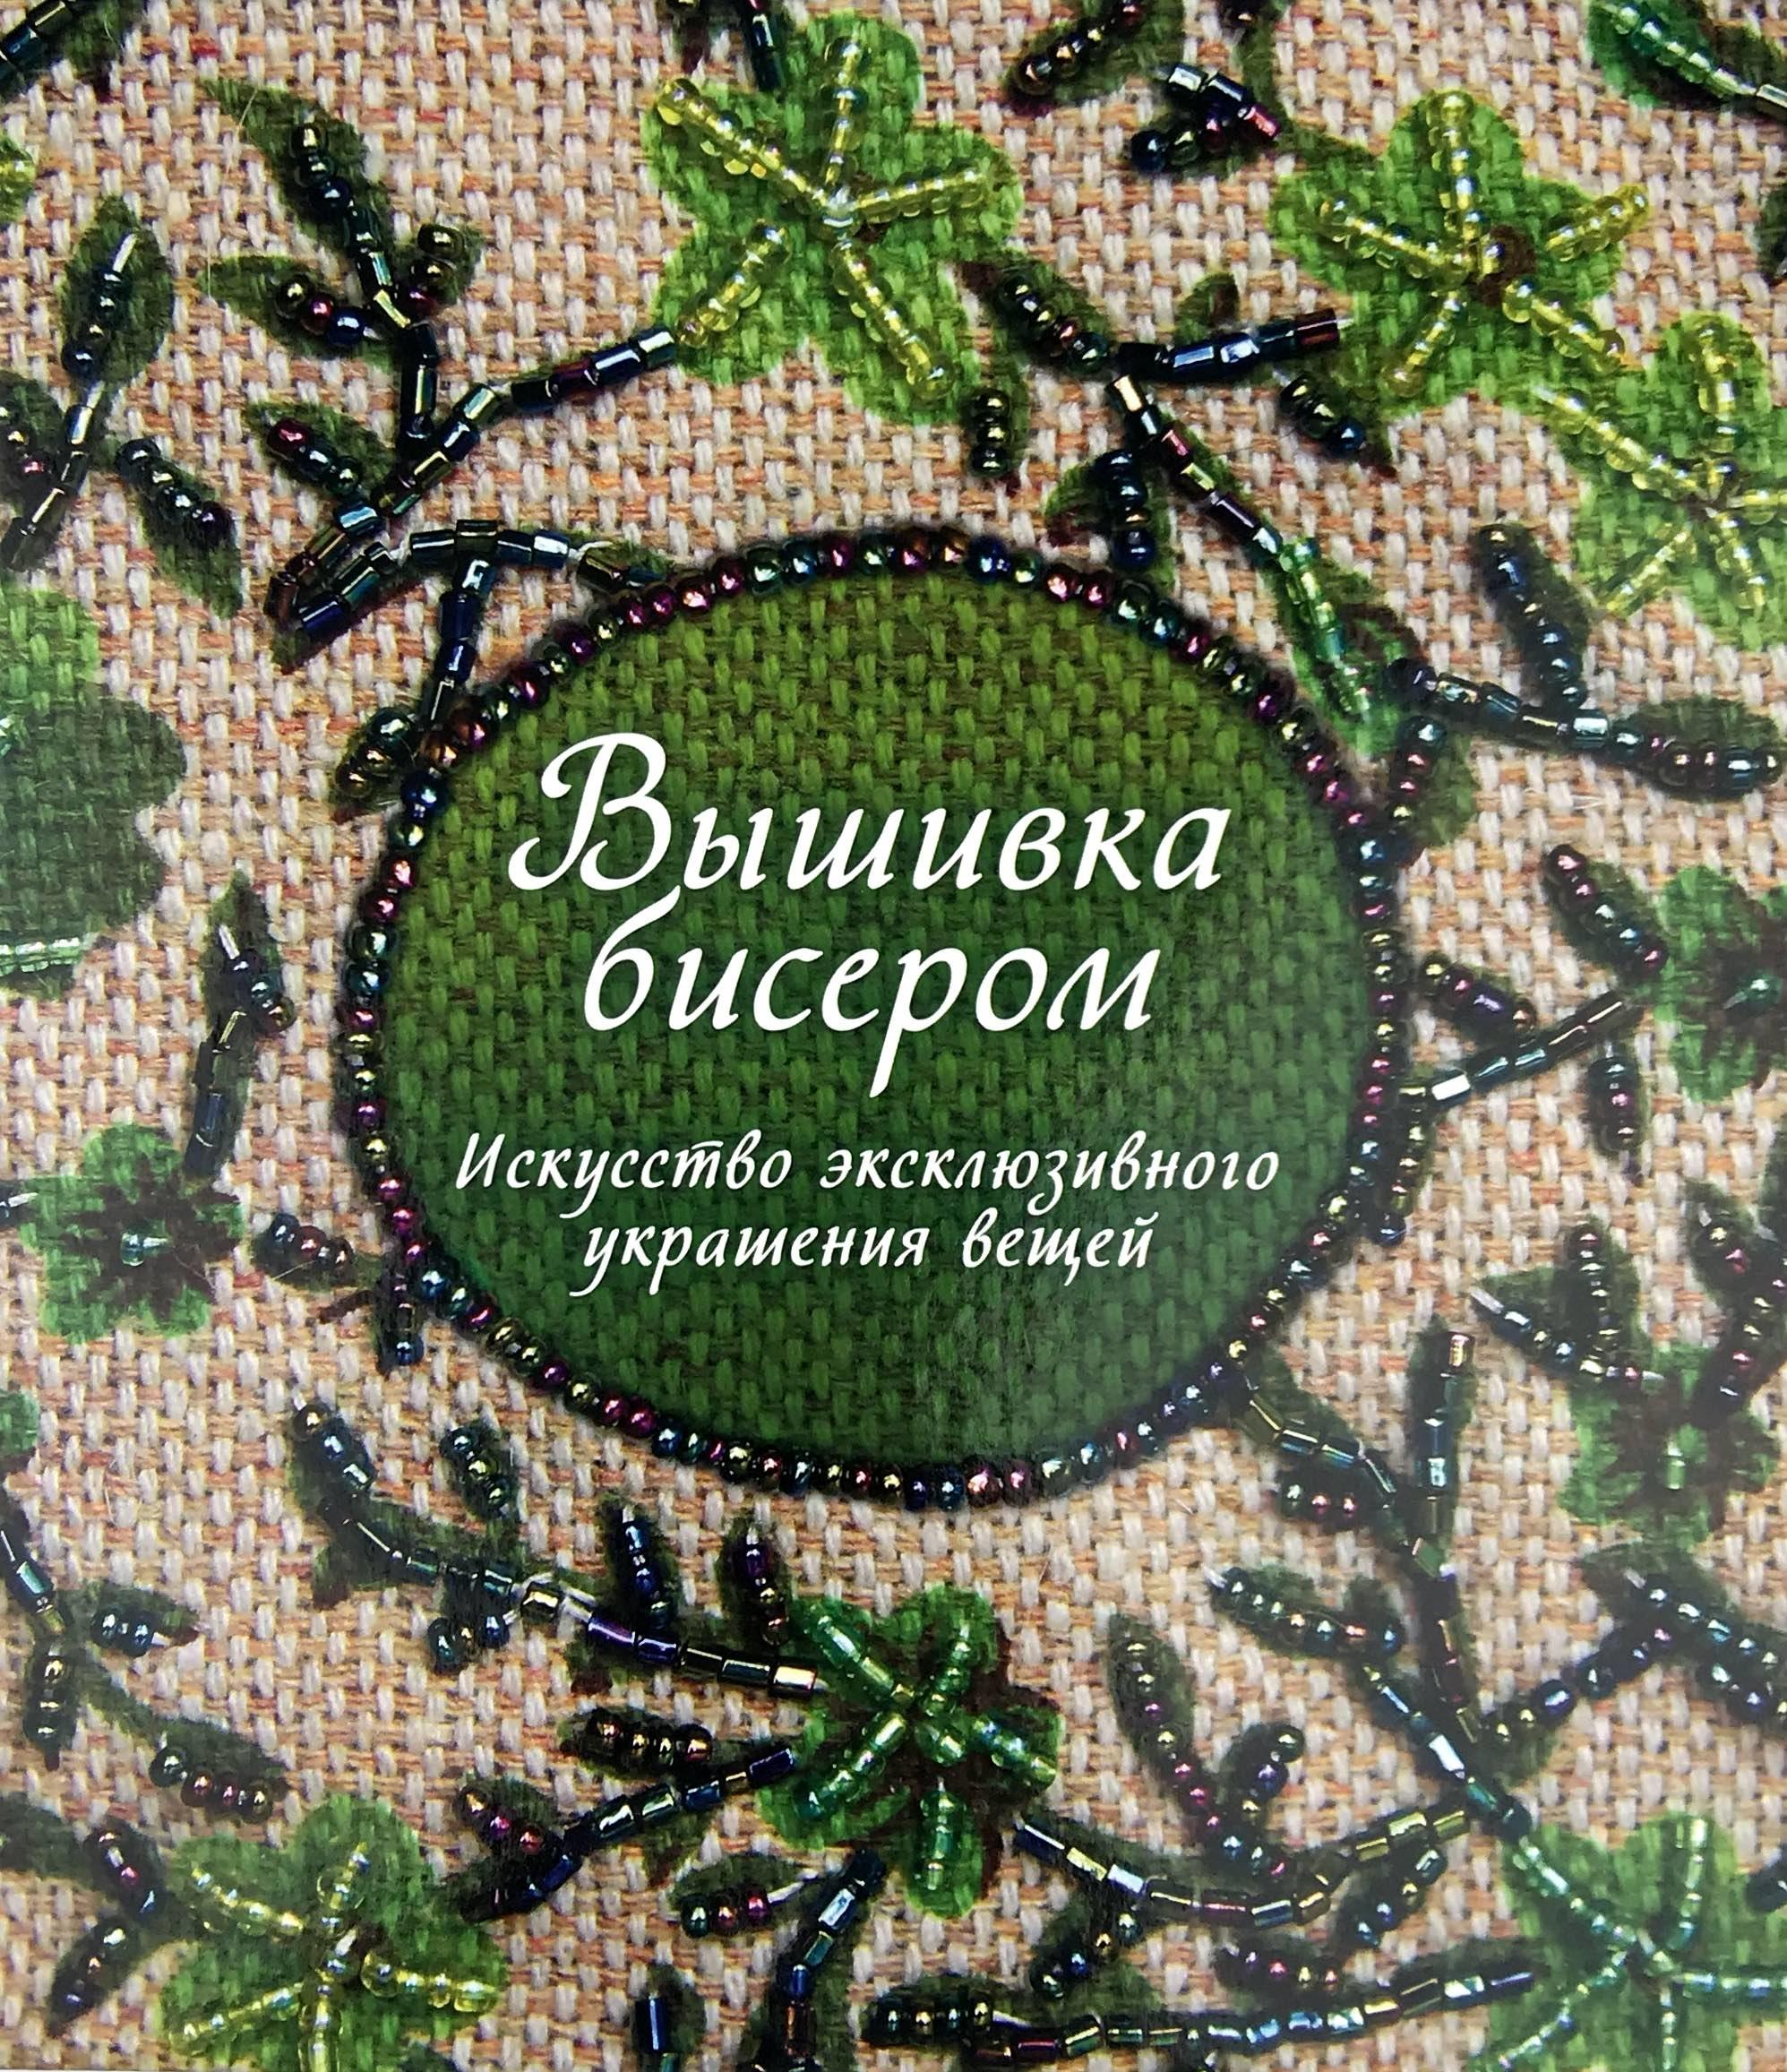 Вышивка бисером. Искусство эксклюзивного украшения вещей